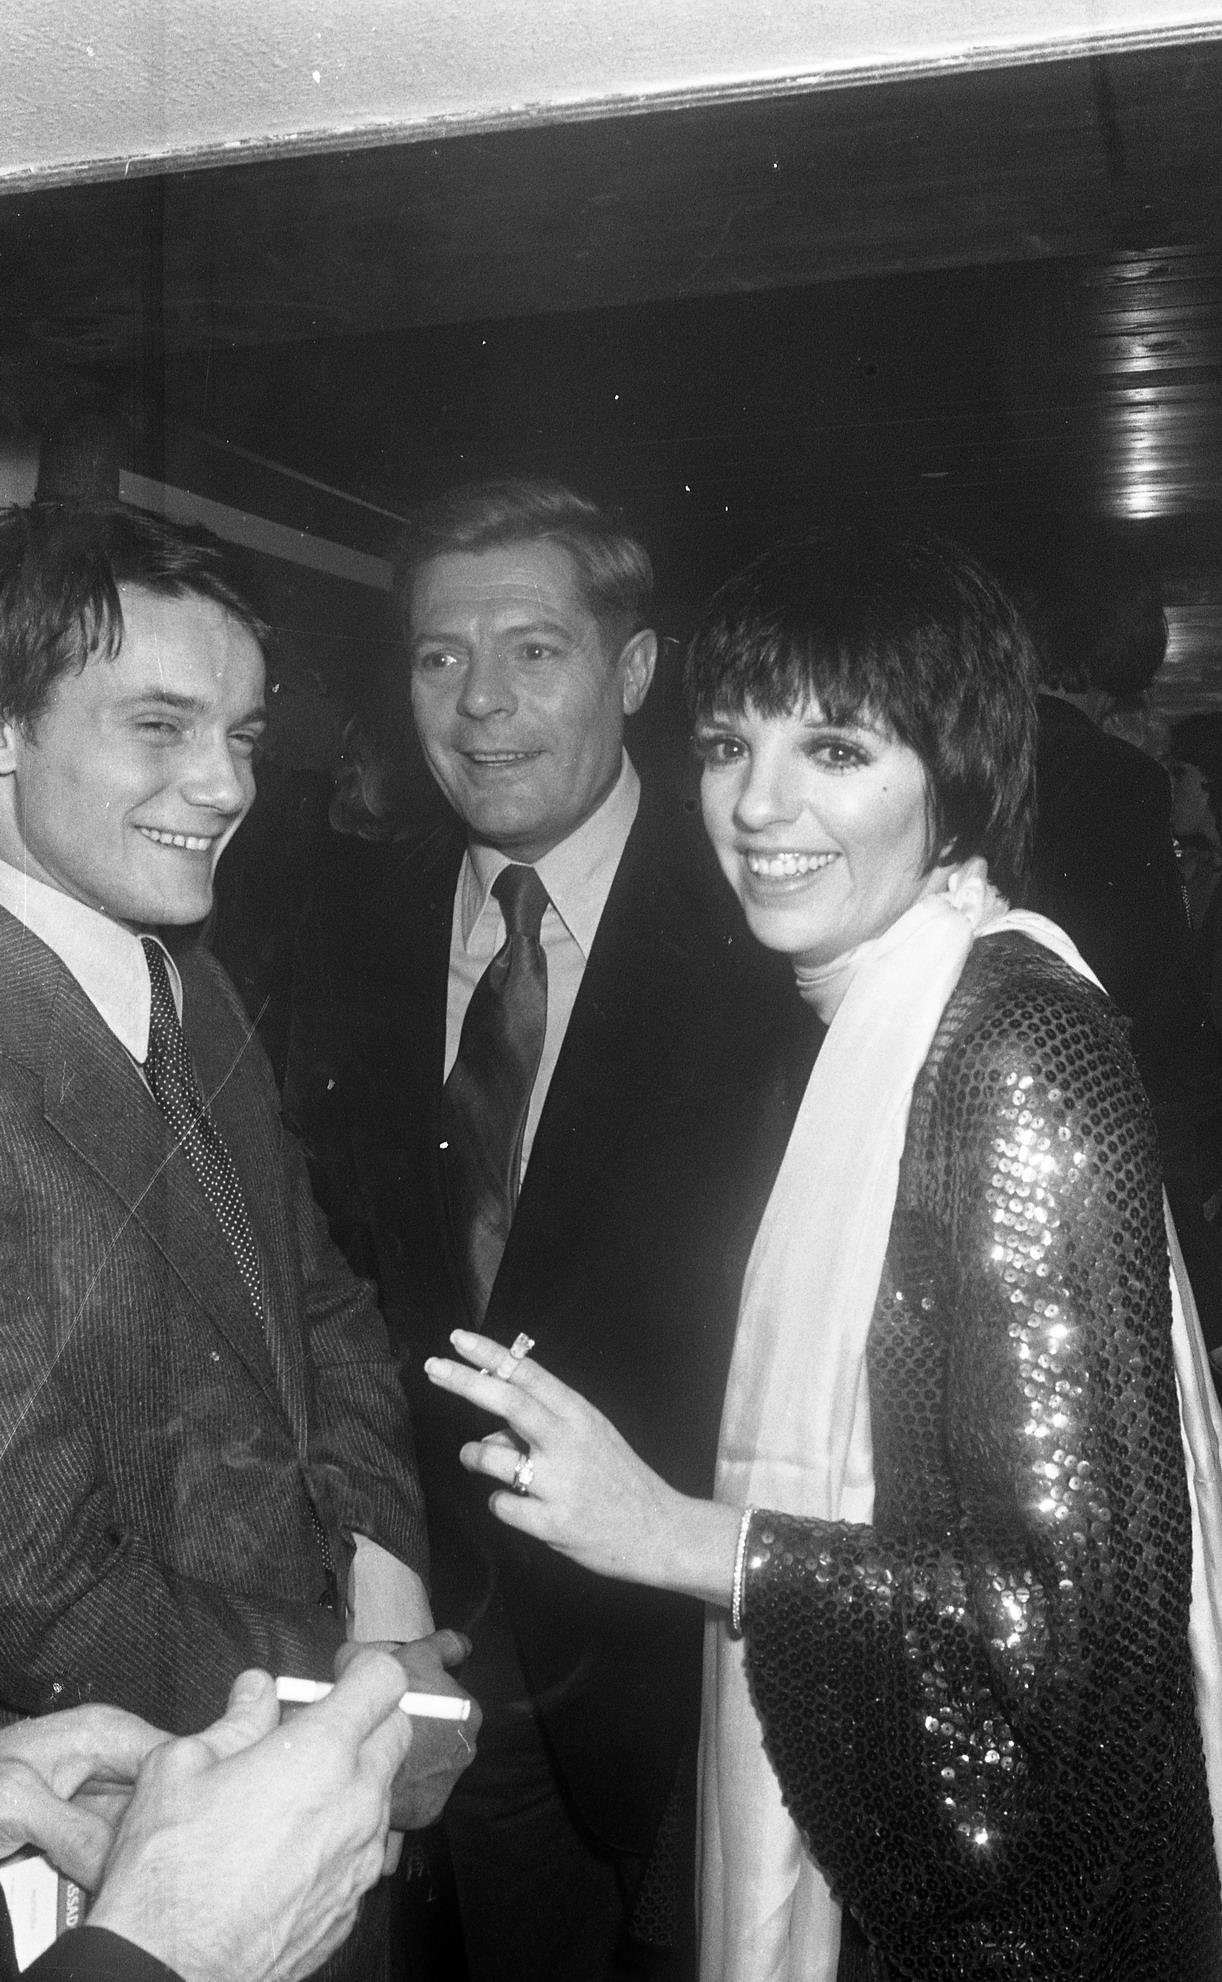 Massimo Ranieri, Marcello Mastroianni, Liza Minnelli (1976)